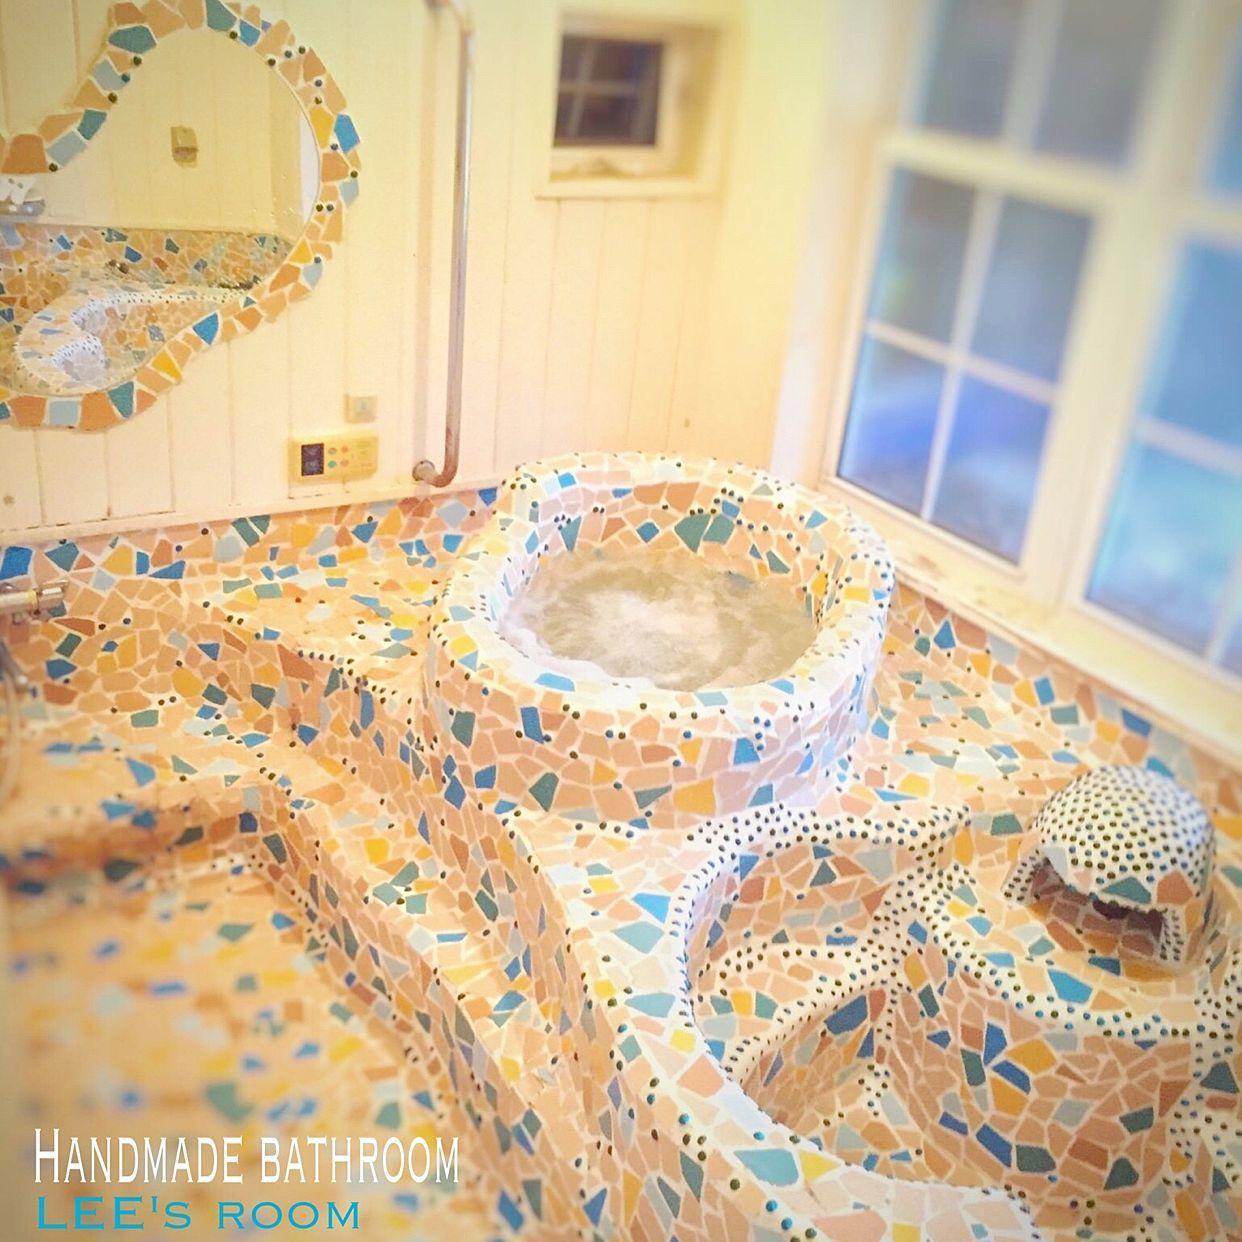 バス トイレ お風呂 モザイクタイル ガウディが好きなんです 手作り風呂 などのインテリア実例 2016 10 24 20 41 28 Roomclip ルームクリップ ガウディ モザイクタイル タイル 貼り